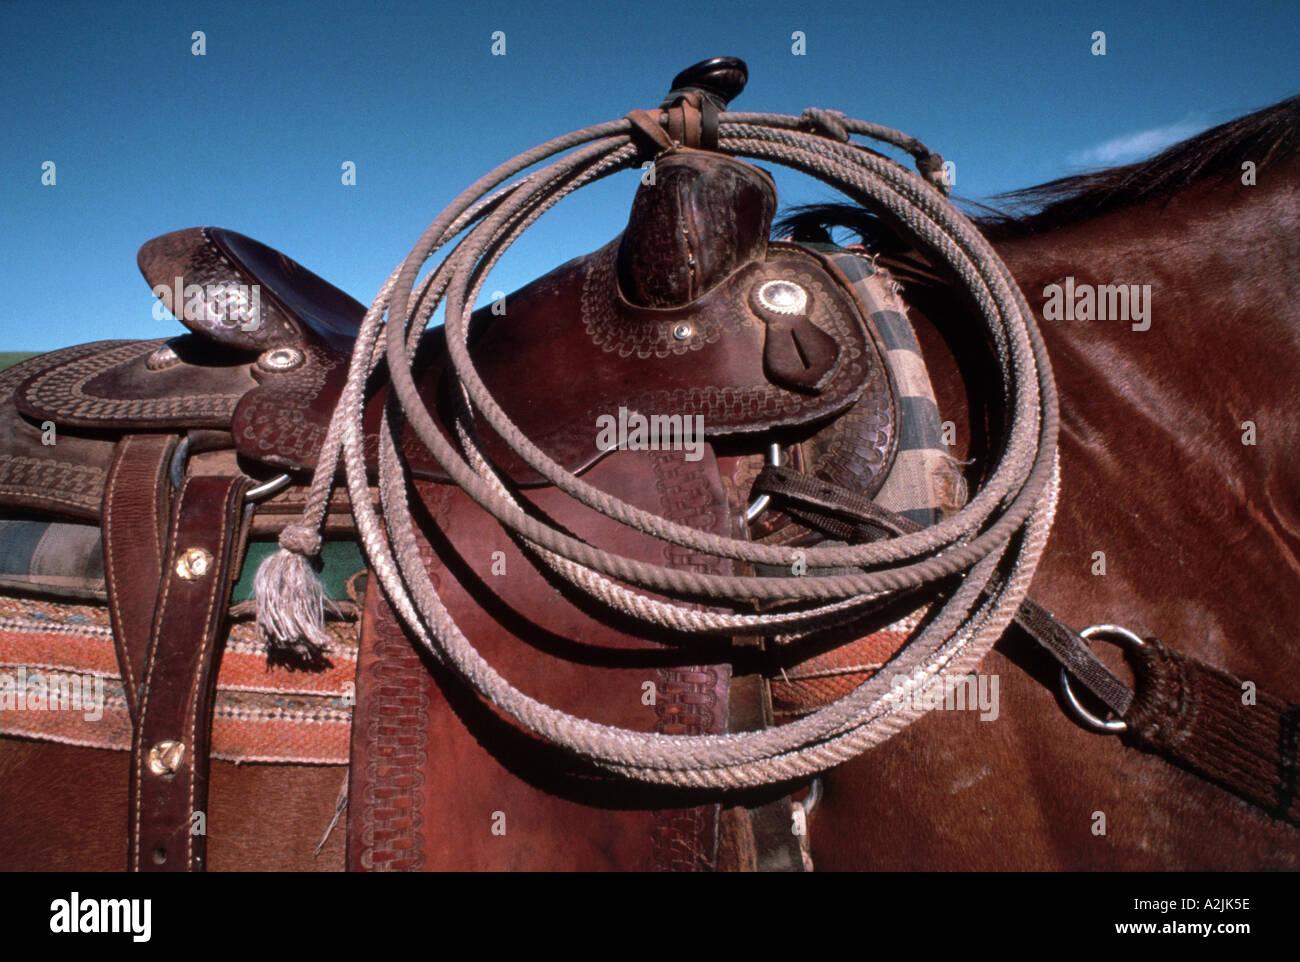 Stile western sella con lazo Immagini Stock